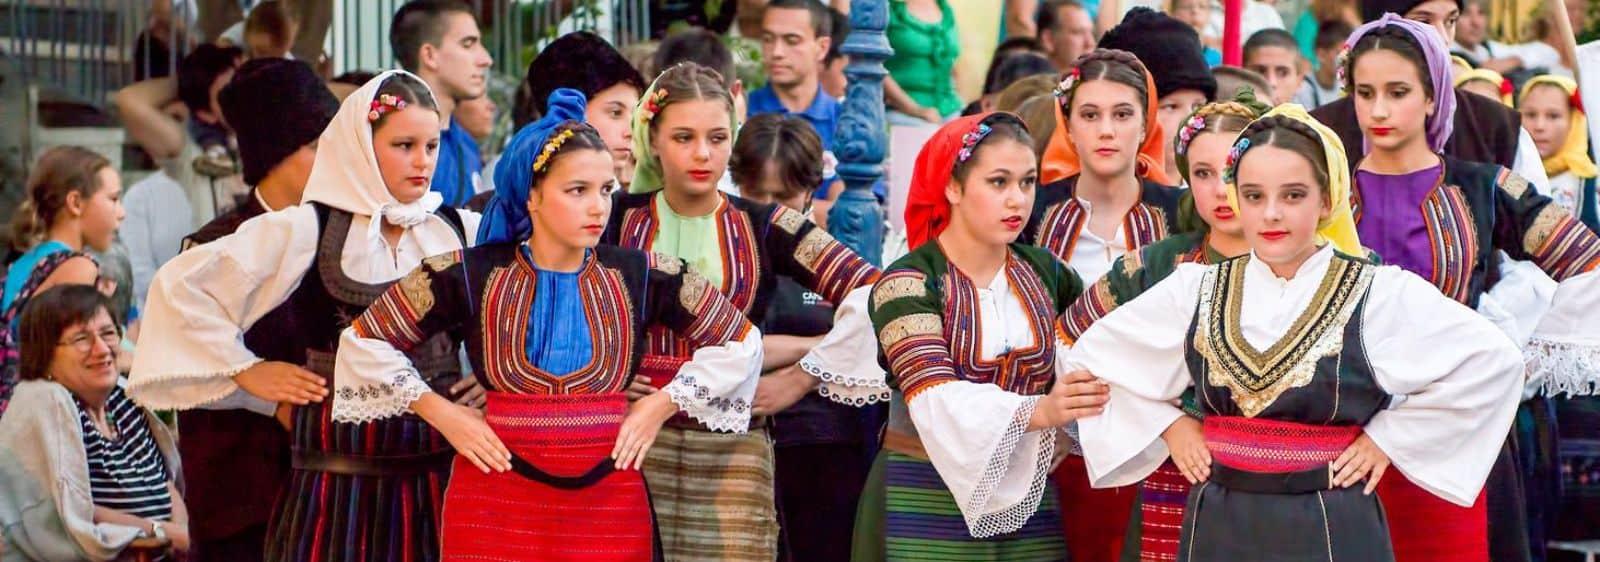 Best Massachusetts Greek Festival Poll